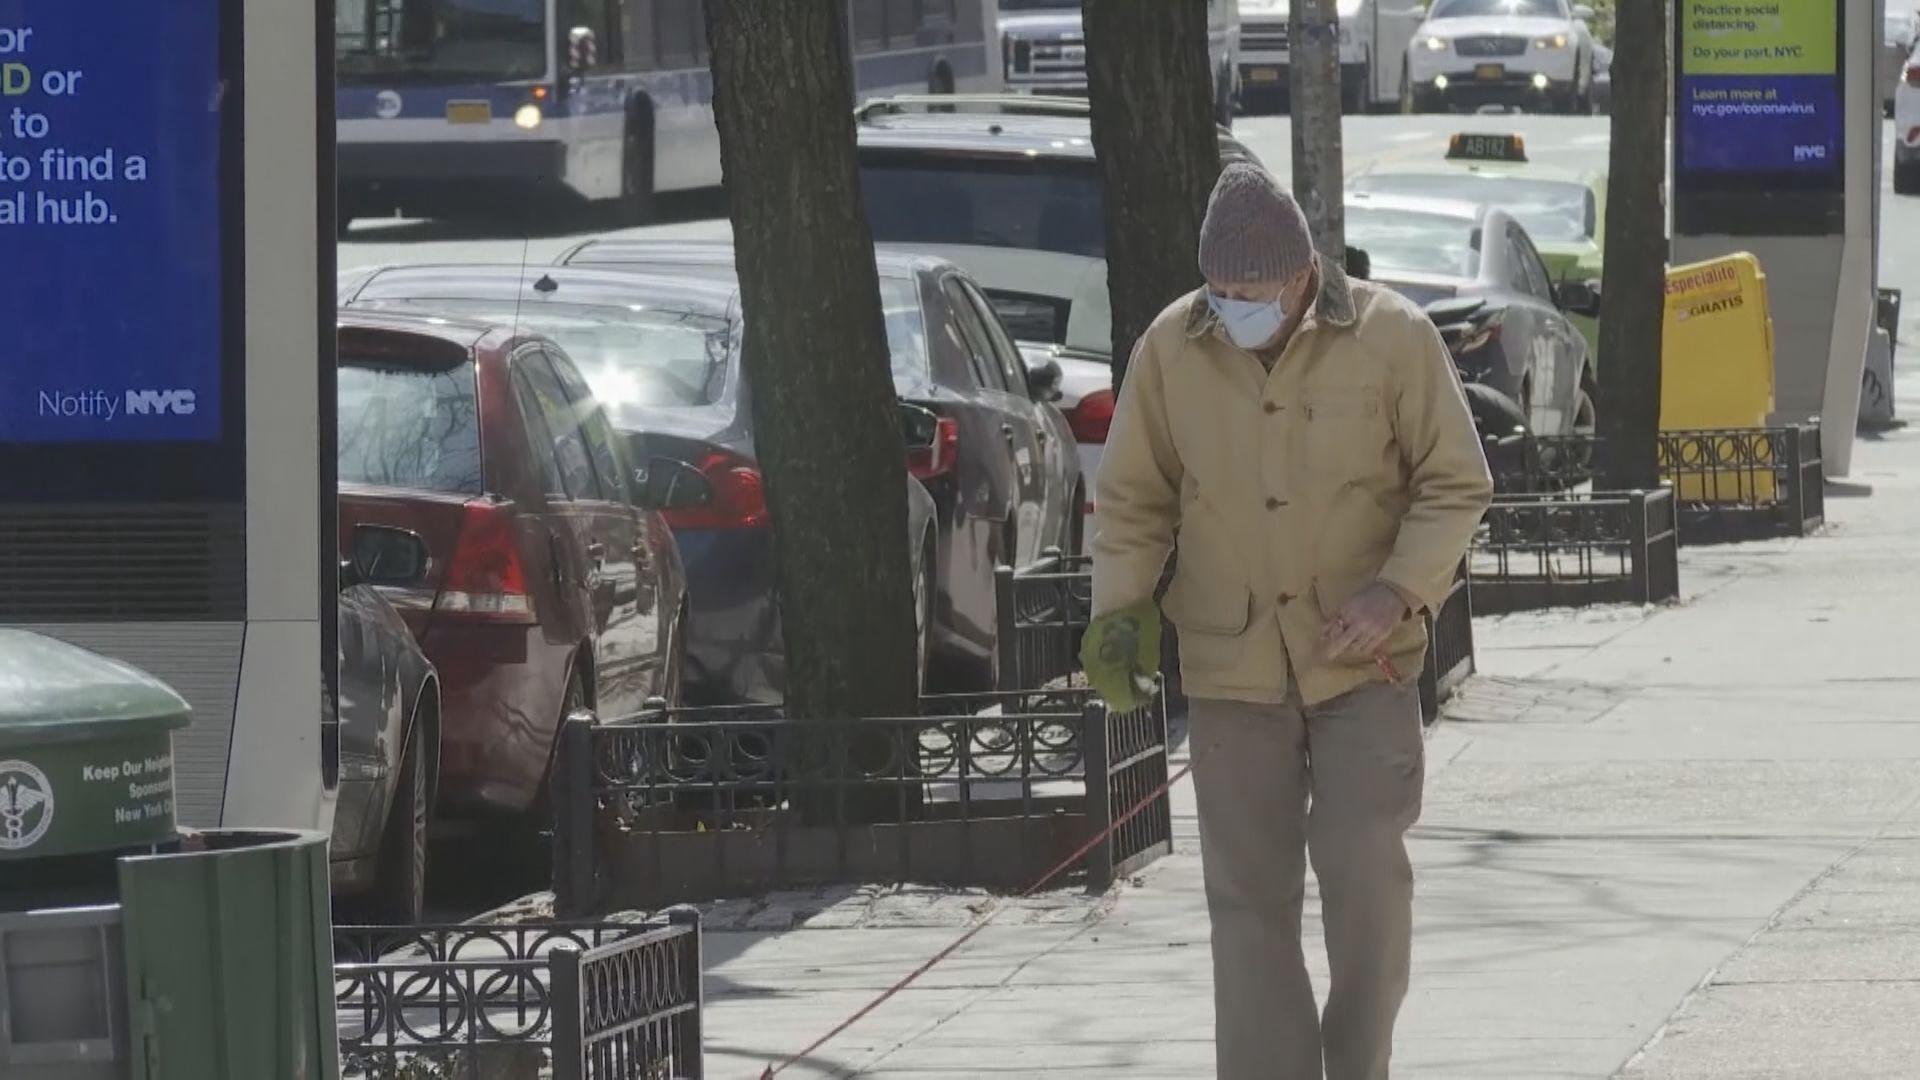 美國民眾周二起乘坐公共交通工具時須戴口罩